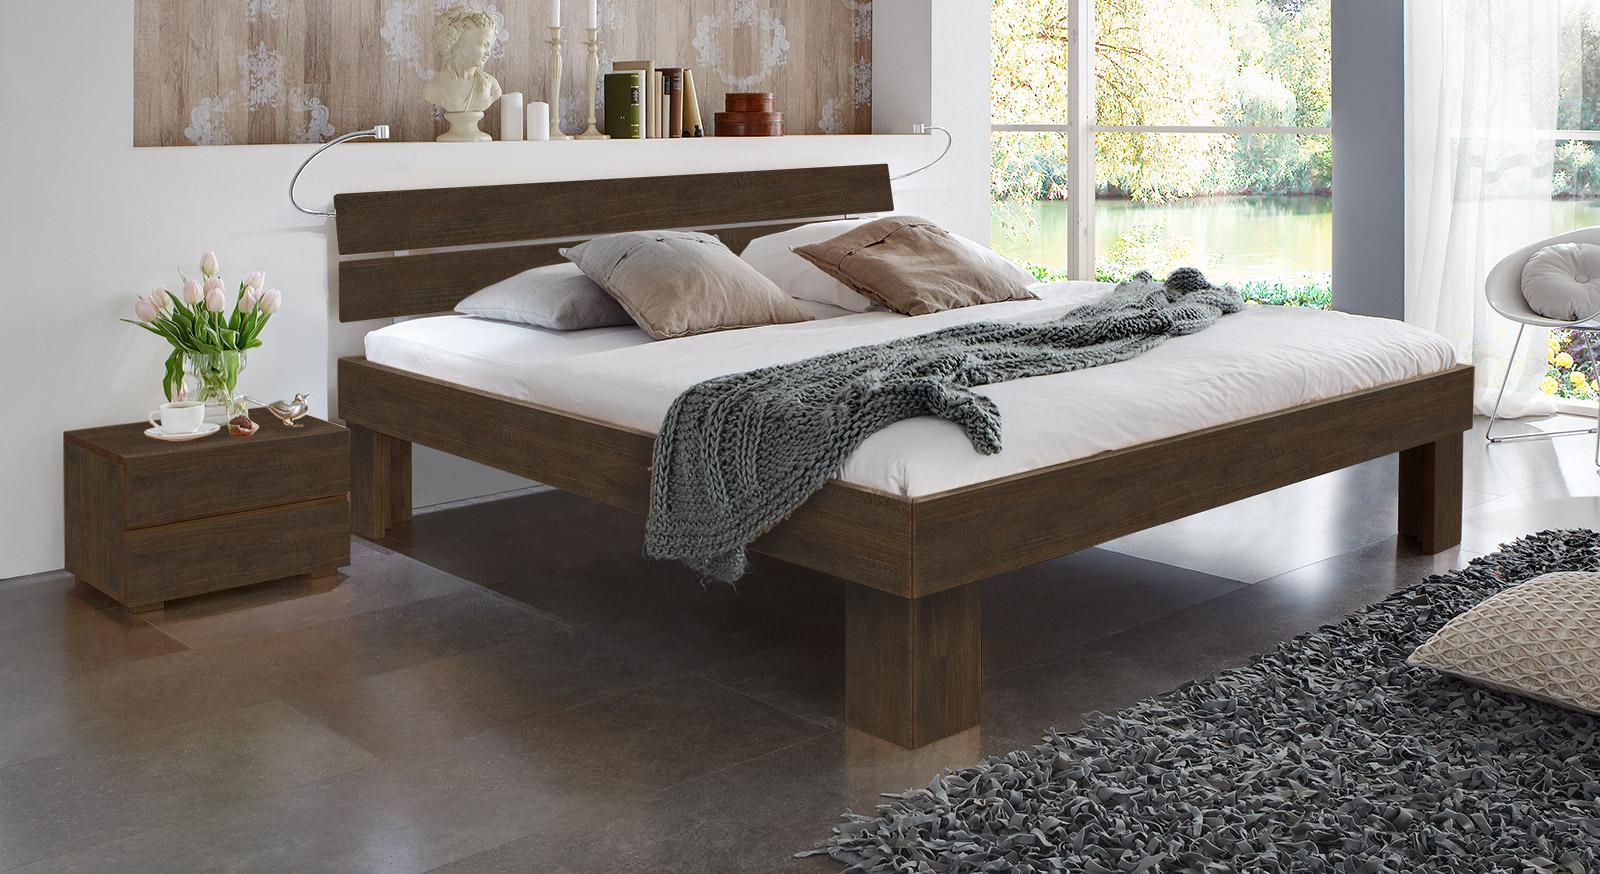 Bett Lucca Komfort in Buche wenge mit einer Fußhöhe von 30cm